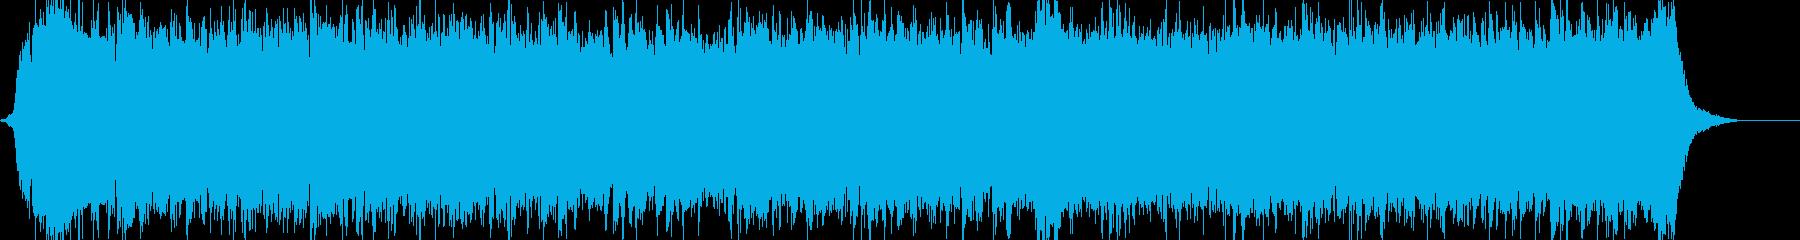 元気の出る壮大なオーケストラ/短めの再生済みの波形